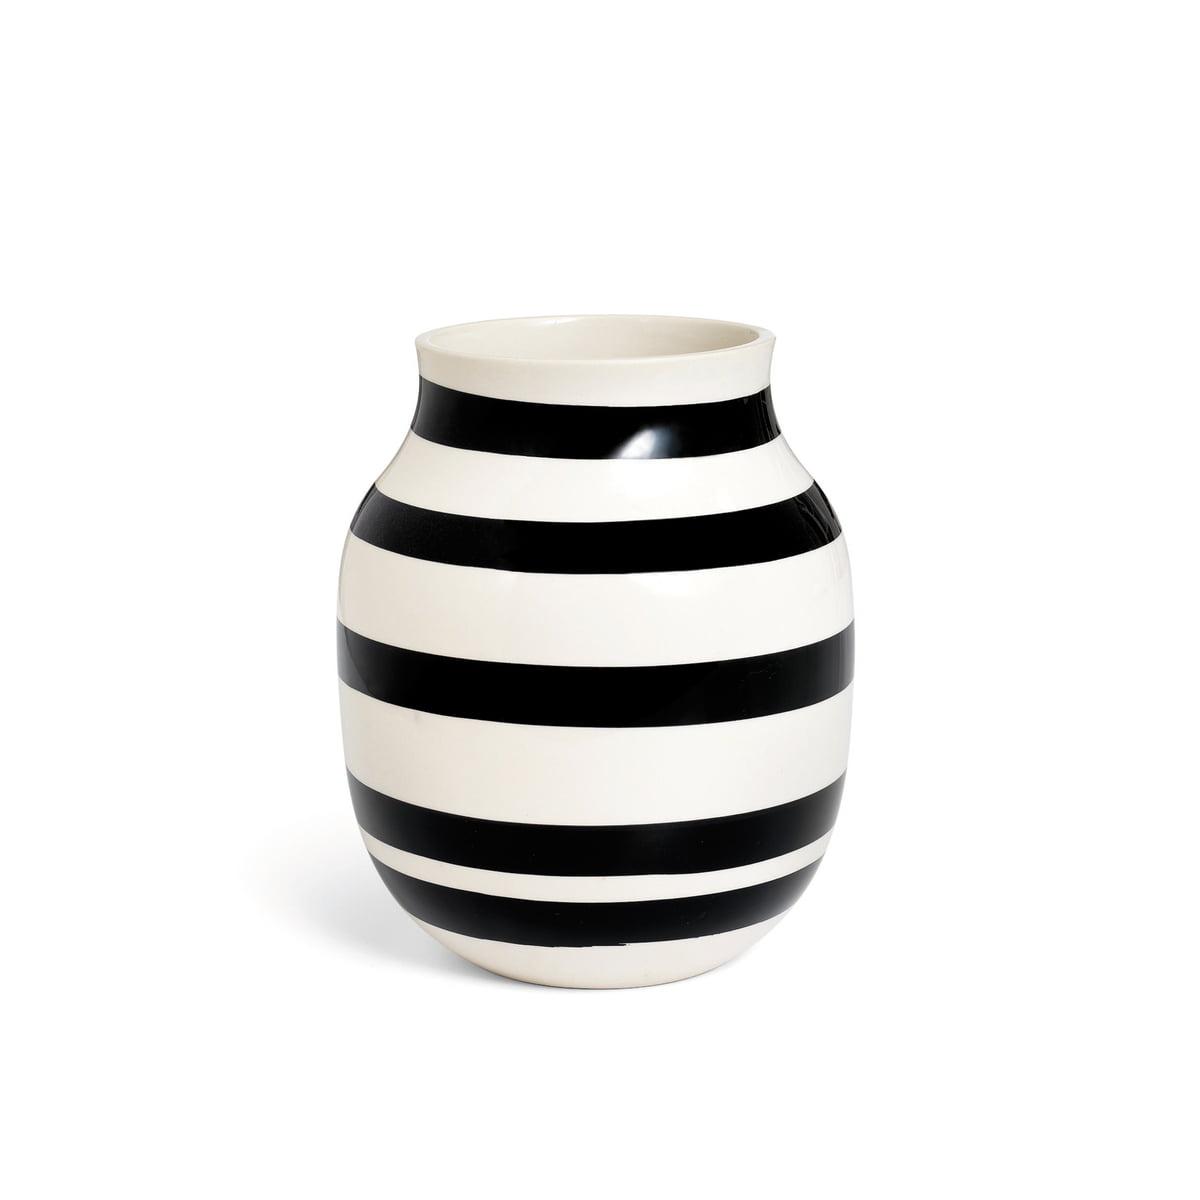 Kaehler design omaggio vase h 200 schwarz